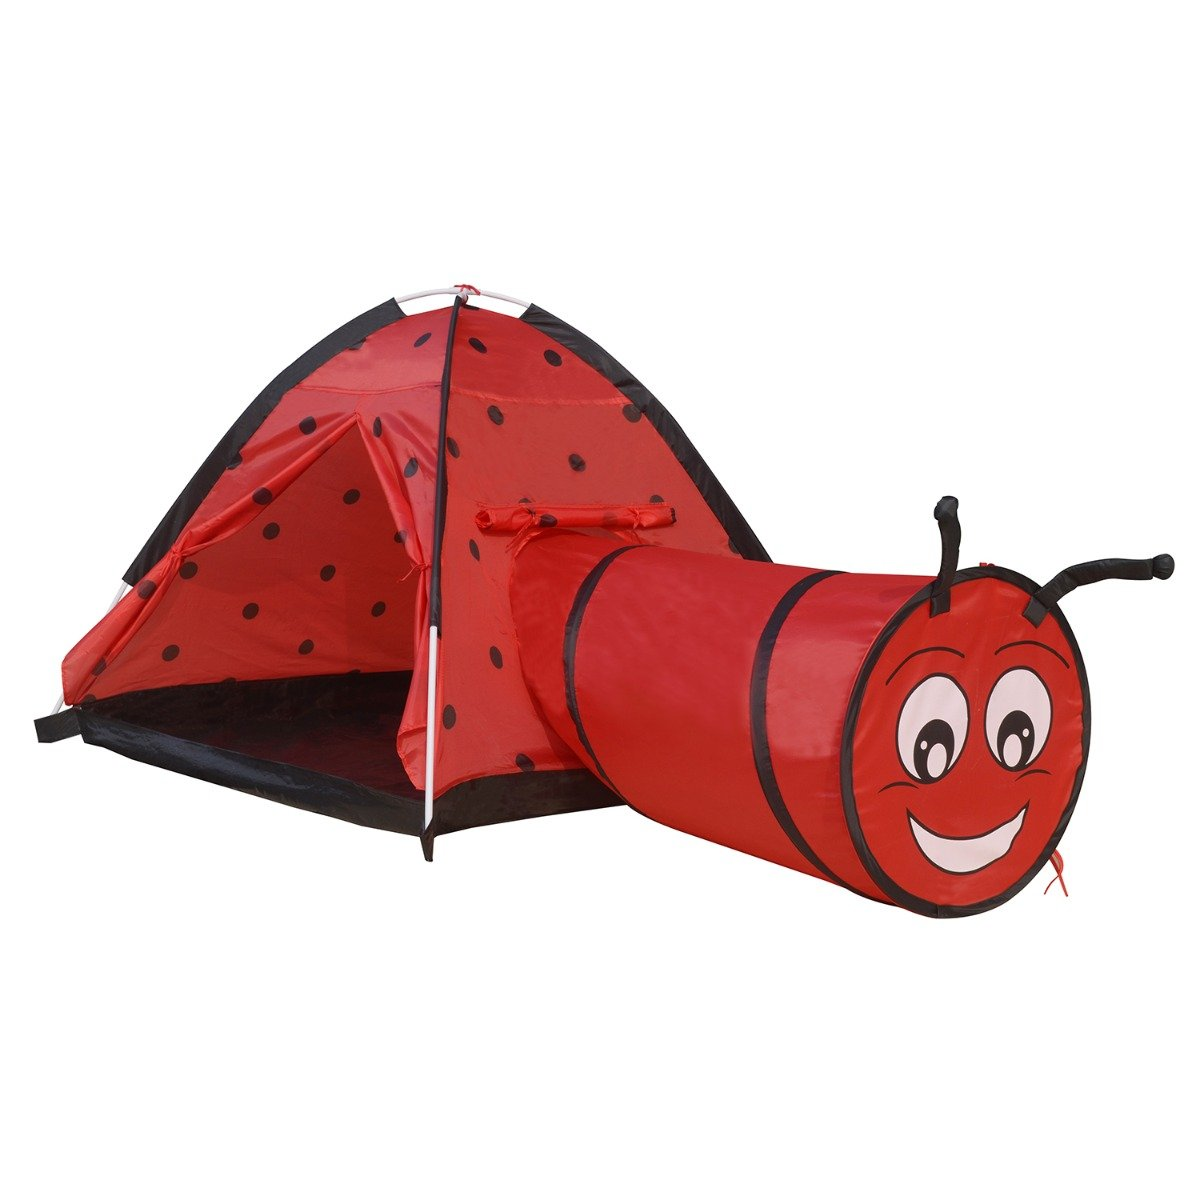 Cort cu tunel pentru copii Iplay-Toys Ladybird Tent